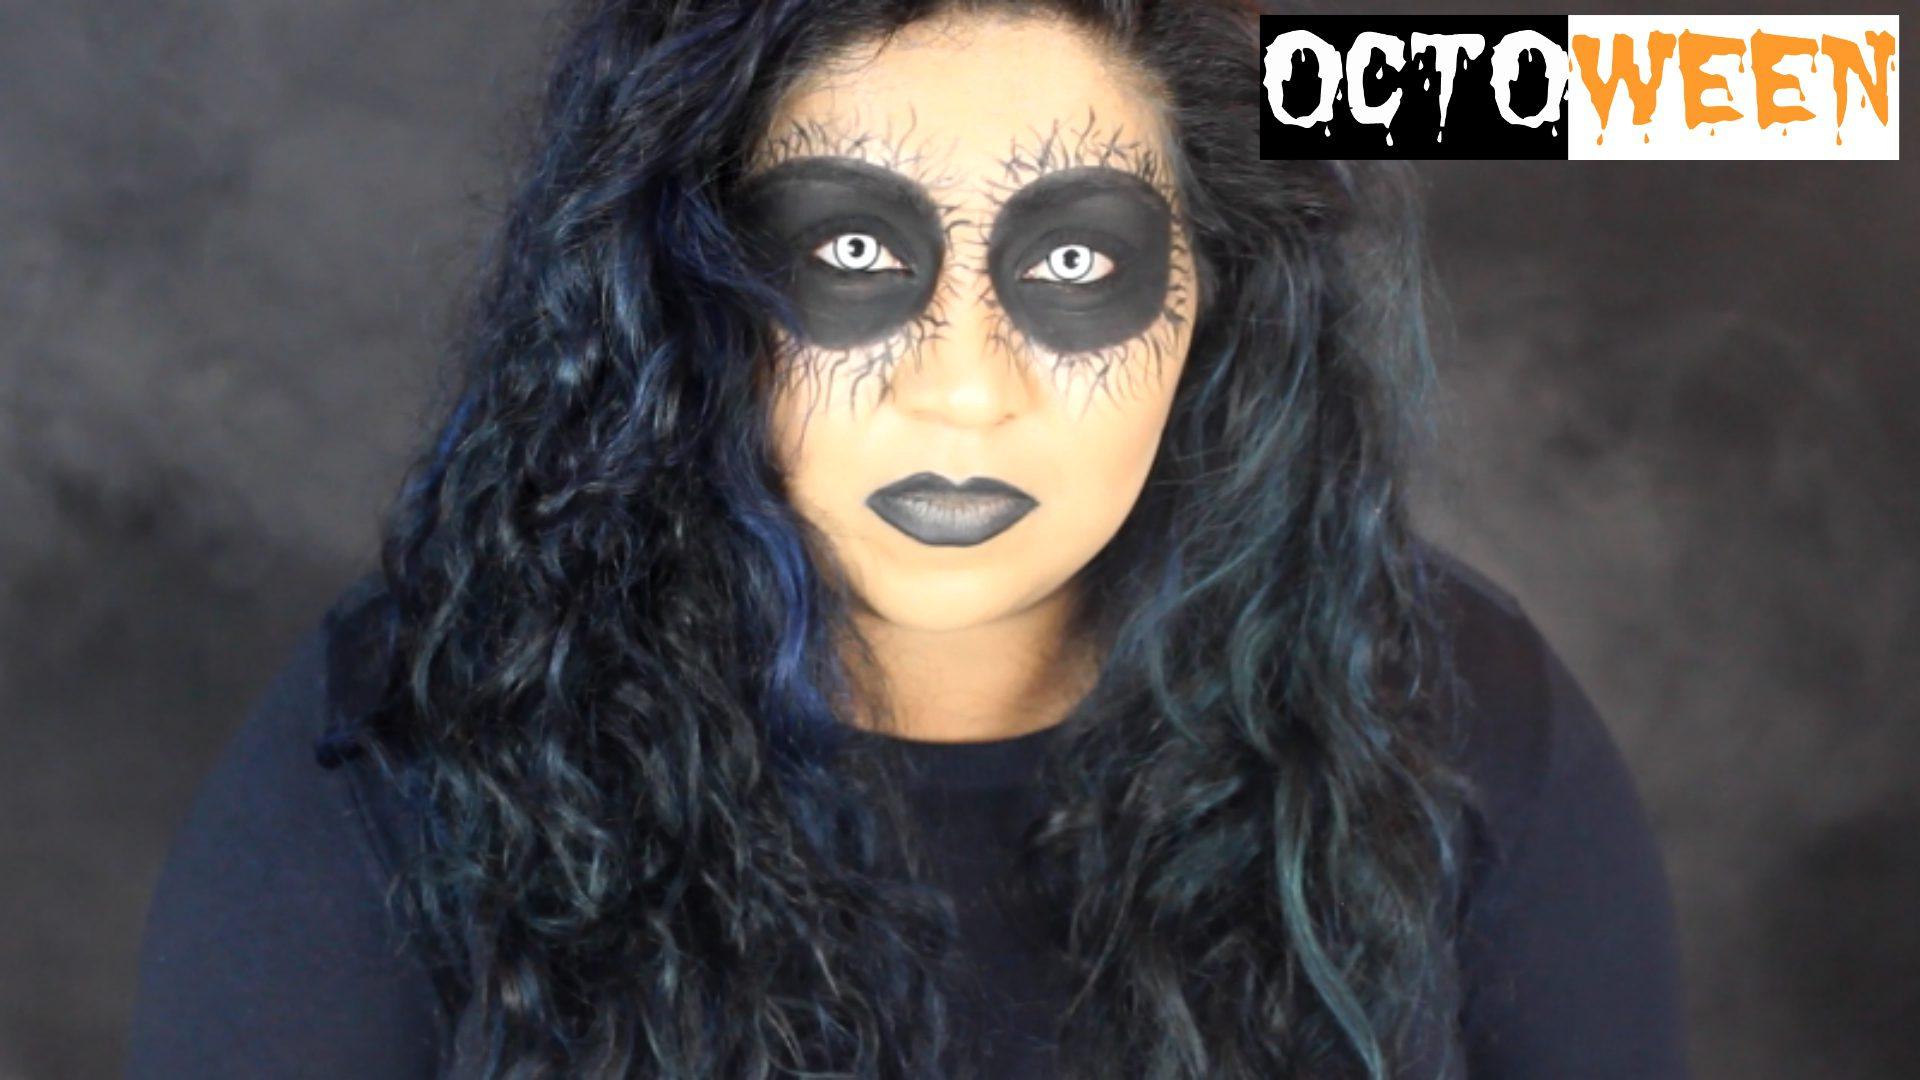 fallen angel halloween makeup tutorial| octoween | nishi v